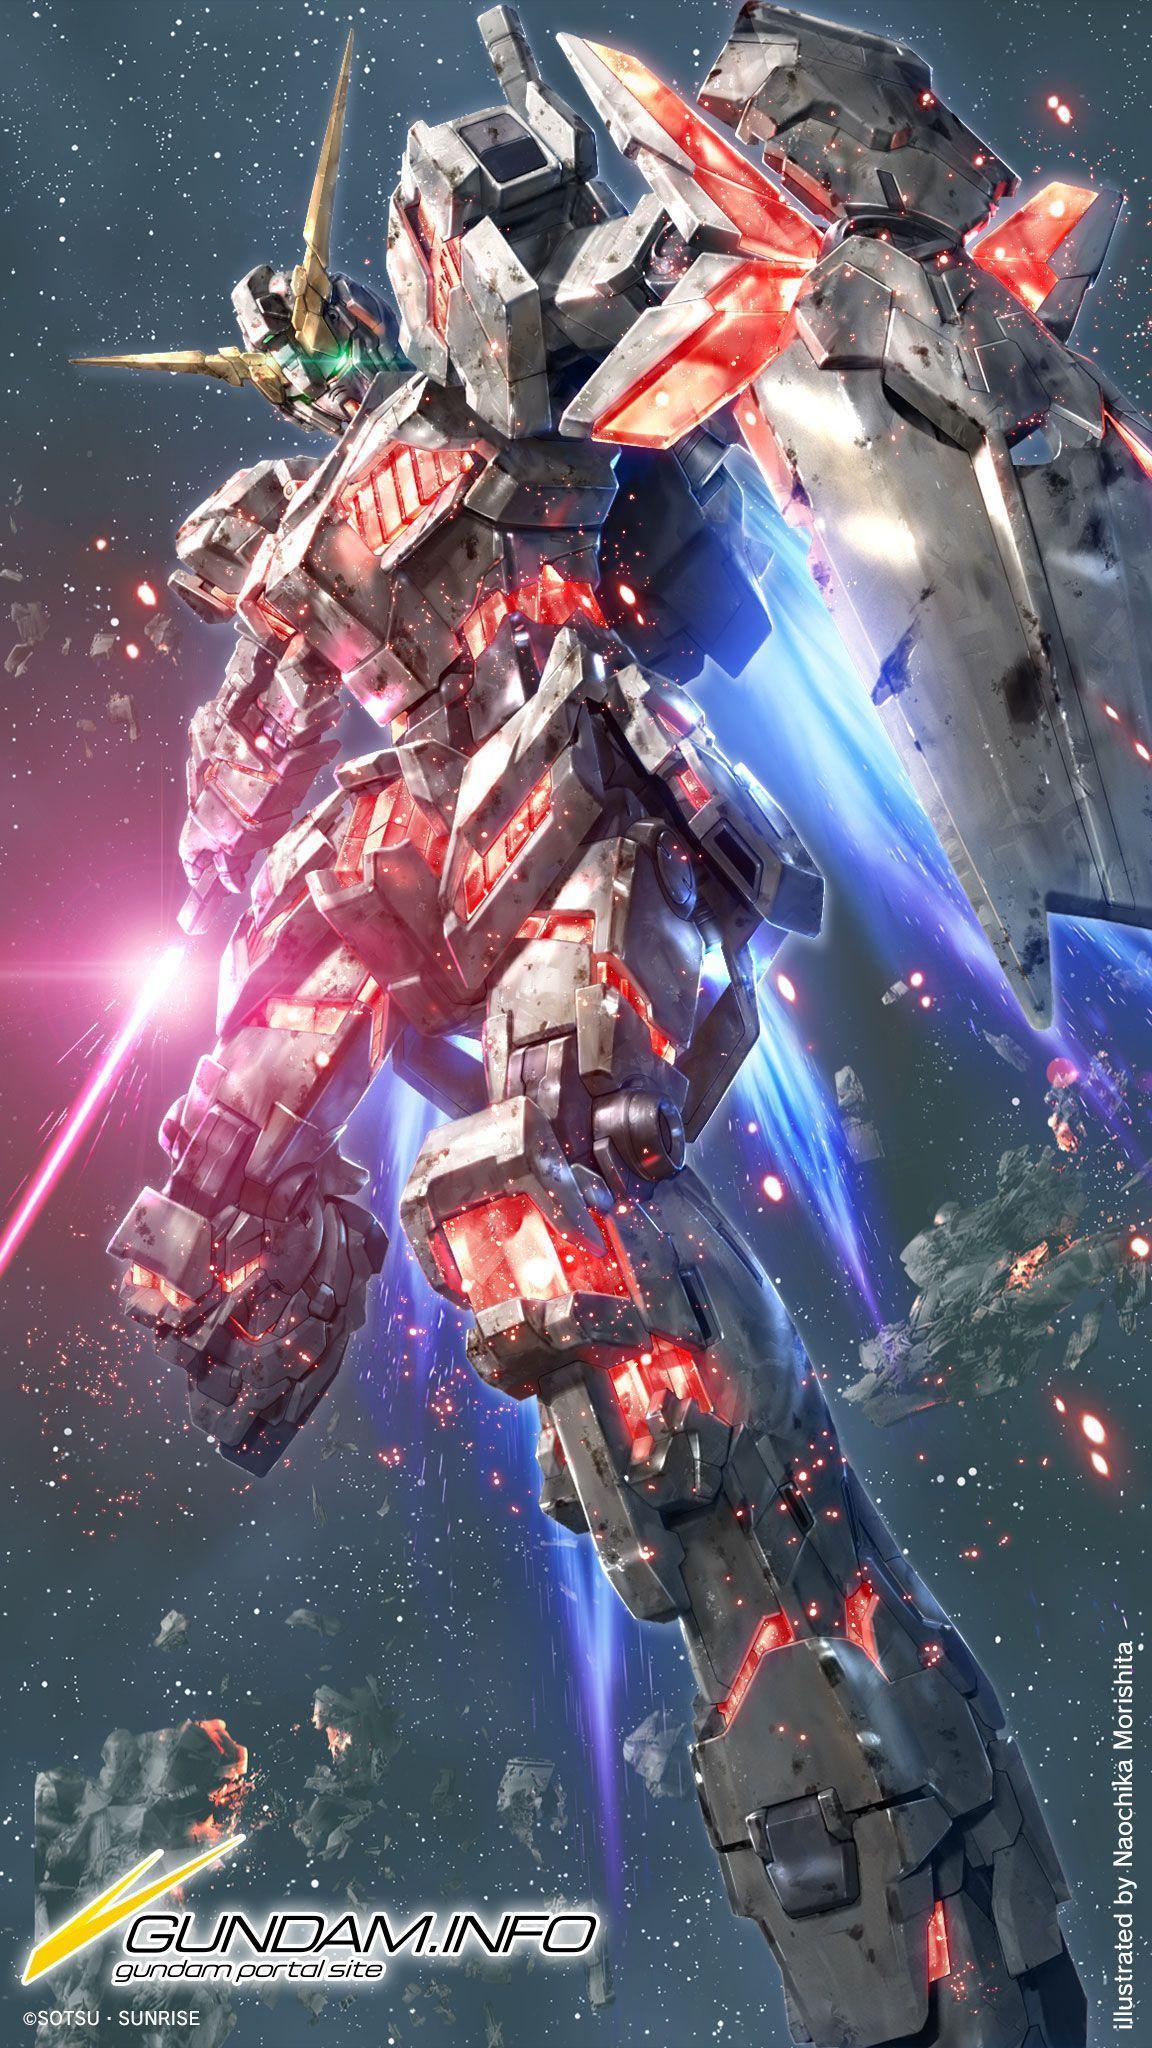 Gundam Unicorn Wallpapers Top Free Gundam Unicorn